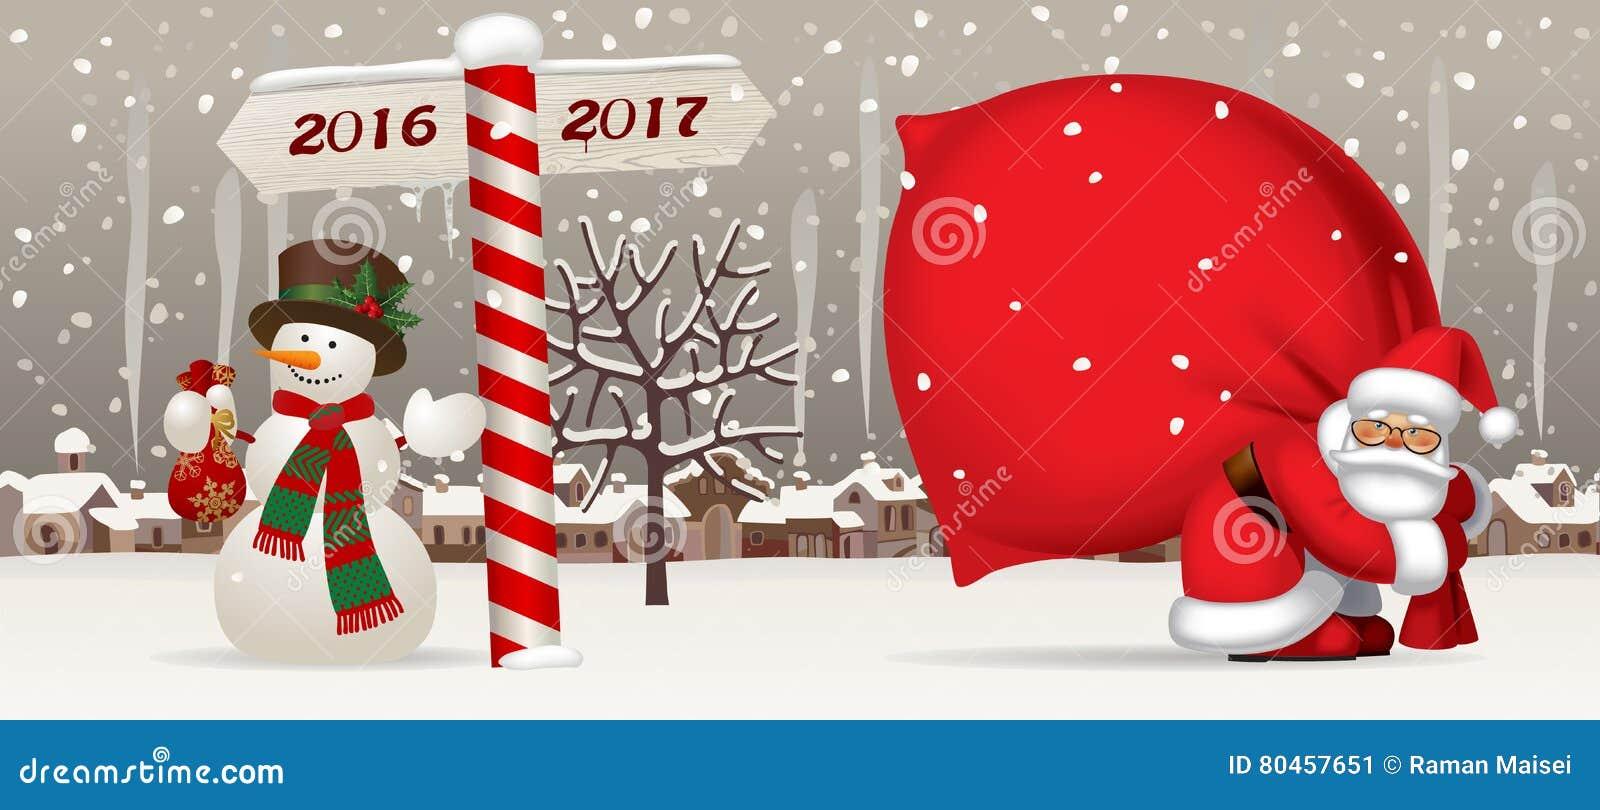 Santa Claus Et Le Bonhomme De Neige Avec Une Nouvelle Année